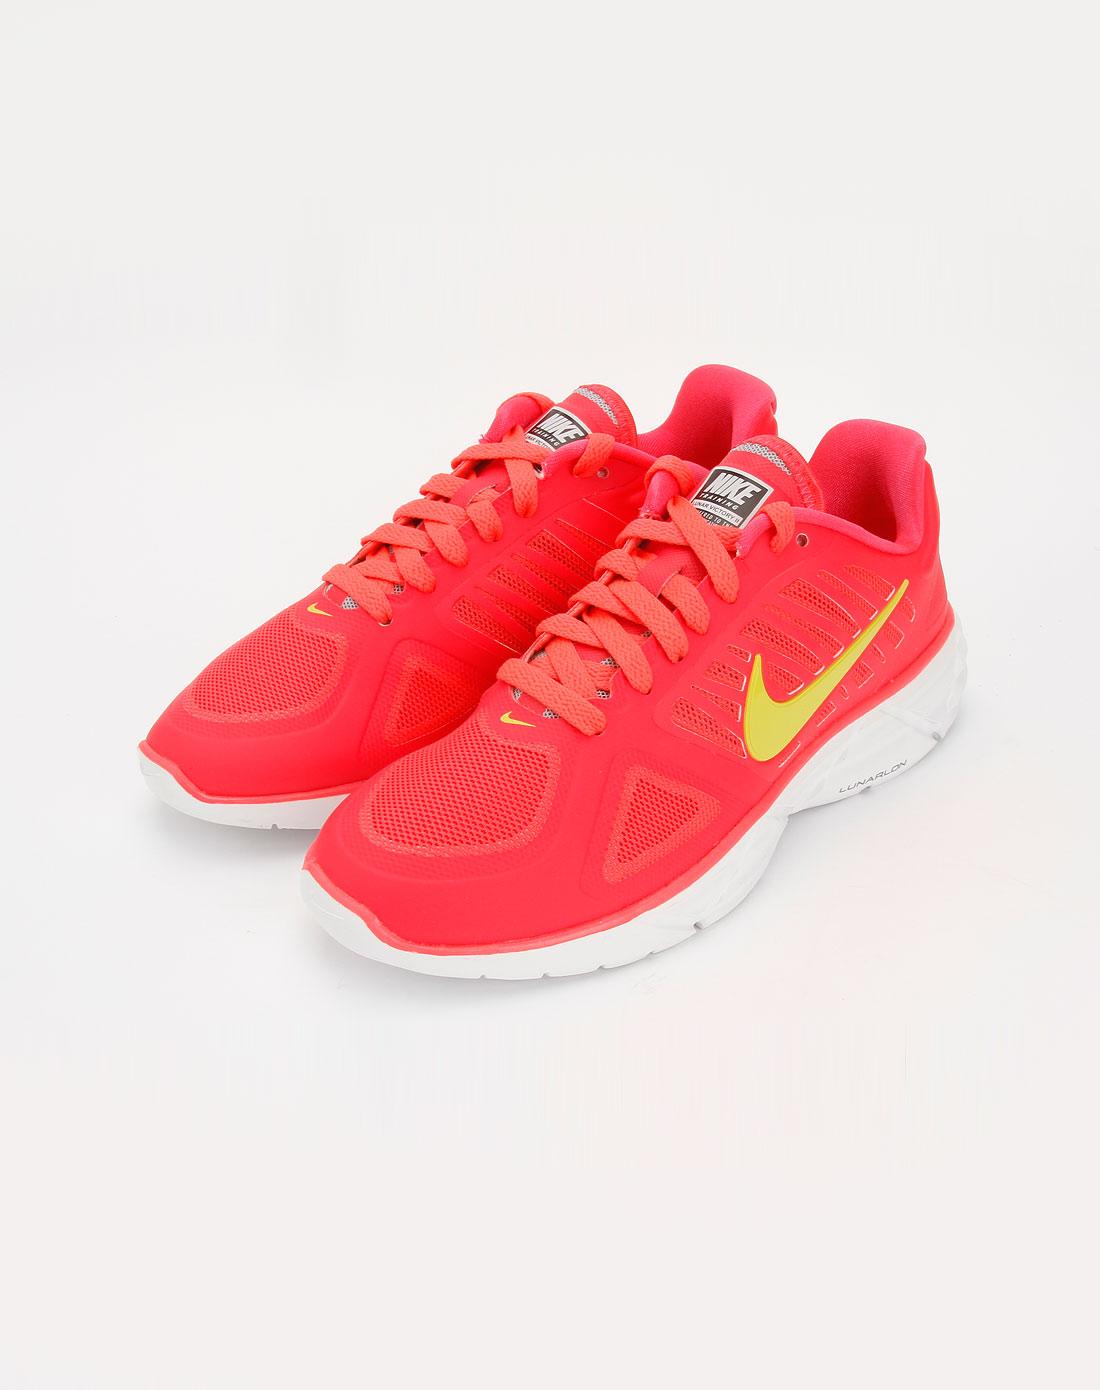 耐克nike女款荧光红/白色透气运动鞋454130-600